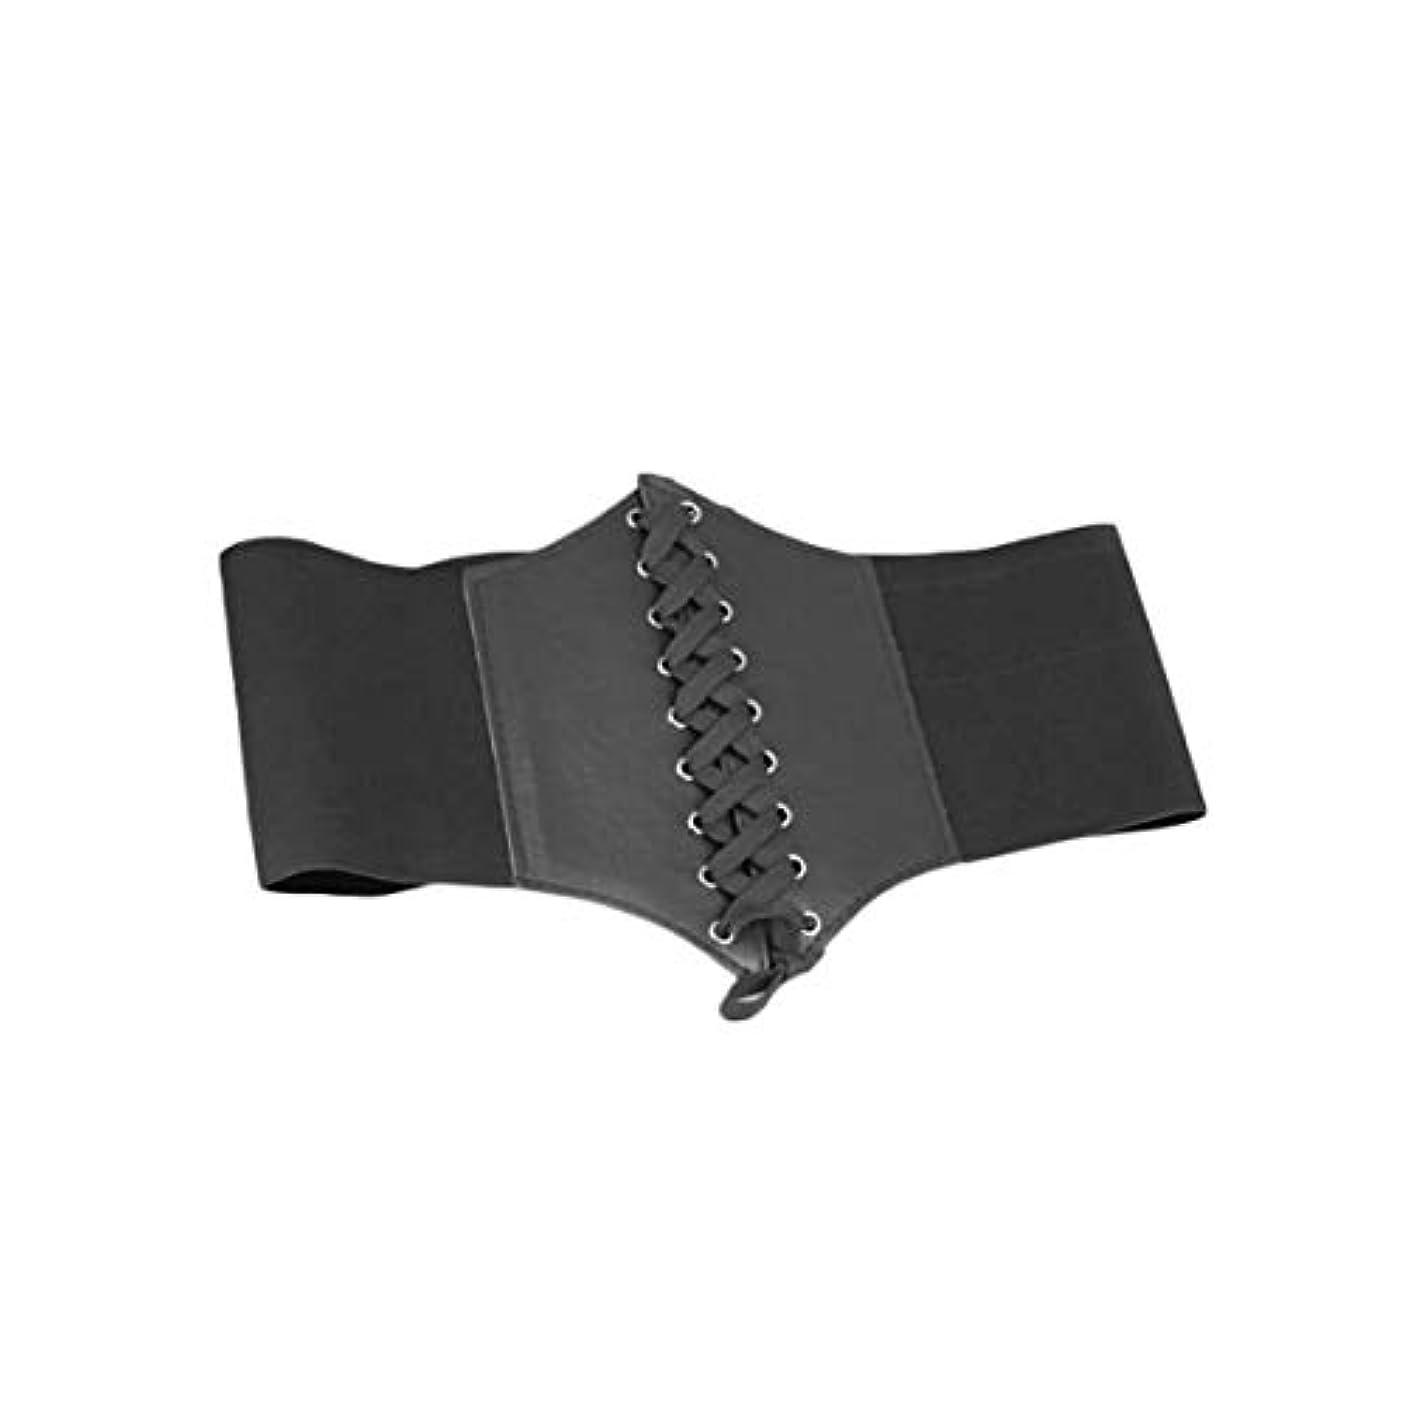 社員執着社員女性ヴィンテージソリッドベルトウエストニッパーレースアップコルセット包帯ハイストレッチ調節可能なネクタイワイドウエストバンド用女性 - 黒